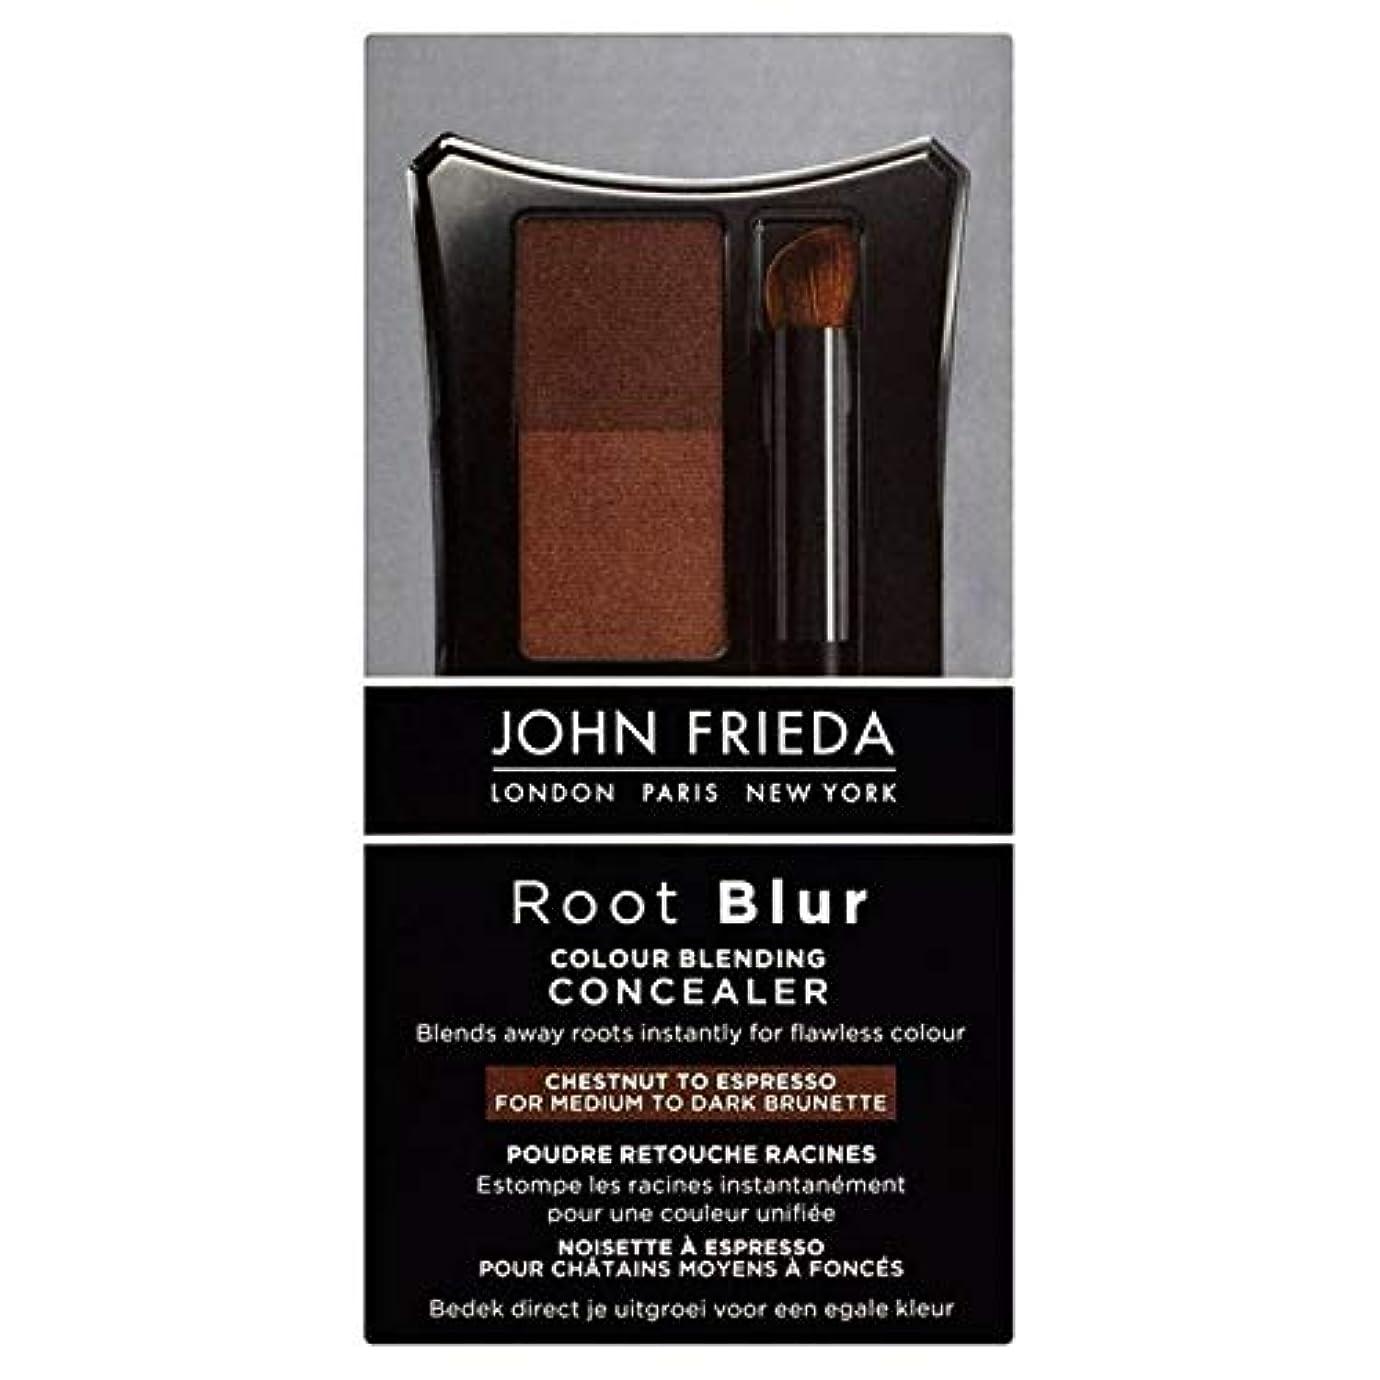 現象ソーセージメダル[John Frieda ] 90グラムのエスプレッソするコンシーラー栗をブレンドジョン?フリーダルートぼかし色 - John Frieda Root Blur Colour Blending Concealer Chestnut to Espresso 90g [並行輸入品]